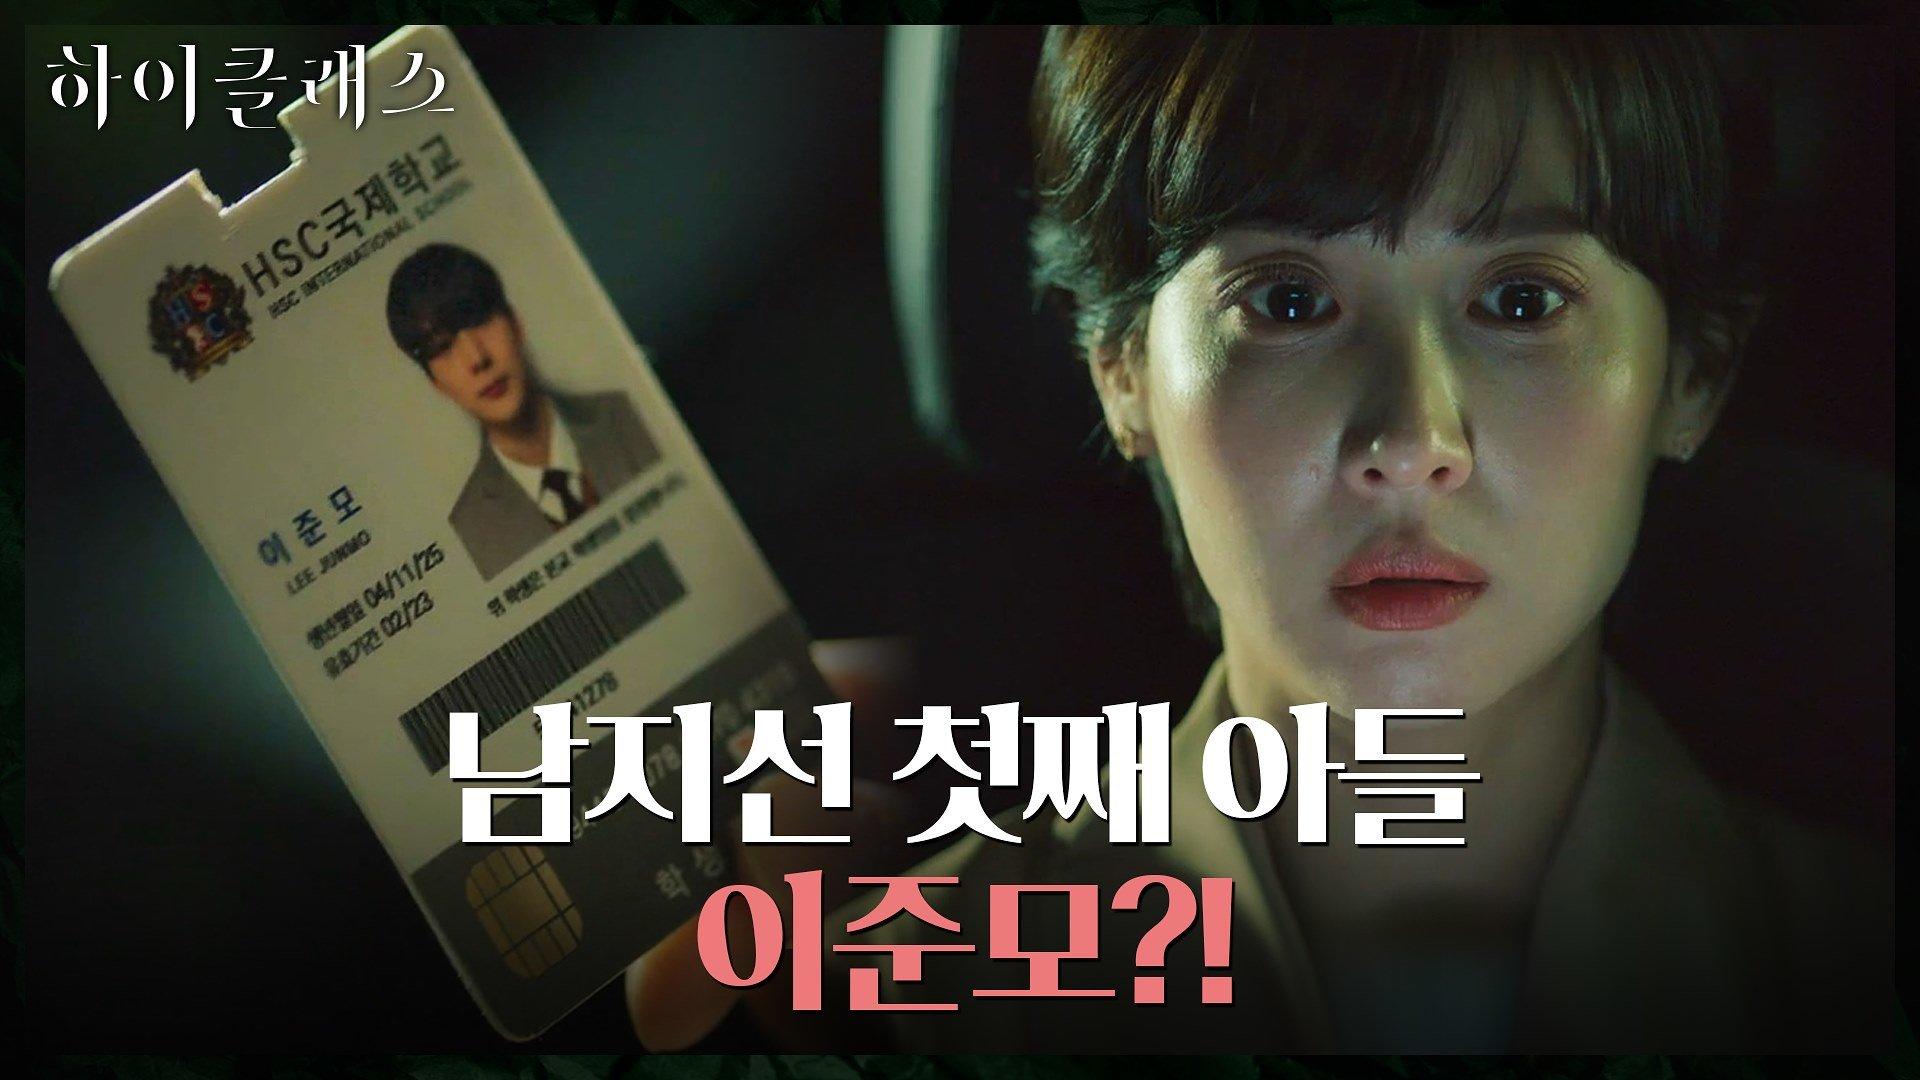 조여정 손에 들어간 뺑소니 가해자의 명찰! 알고보니 김지수의 아들?!   tvN 210920 방송